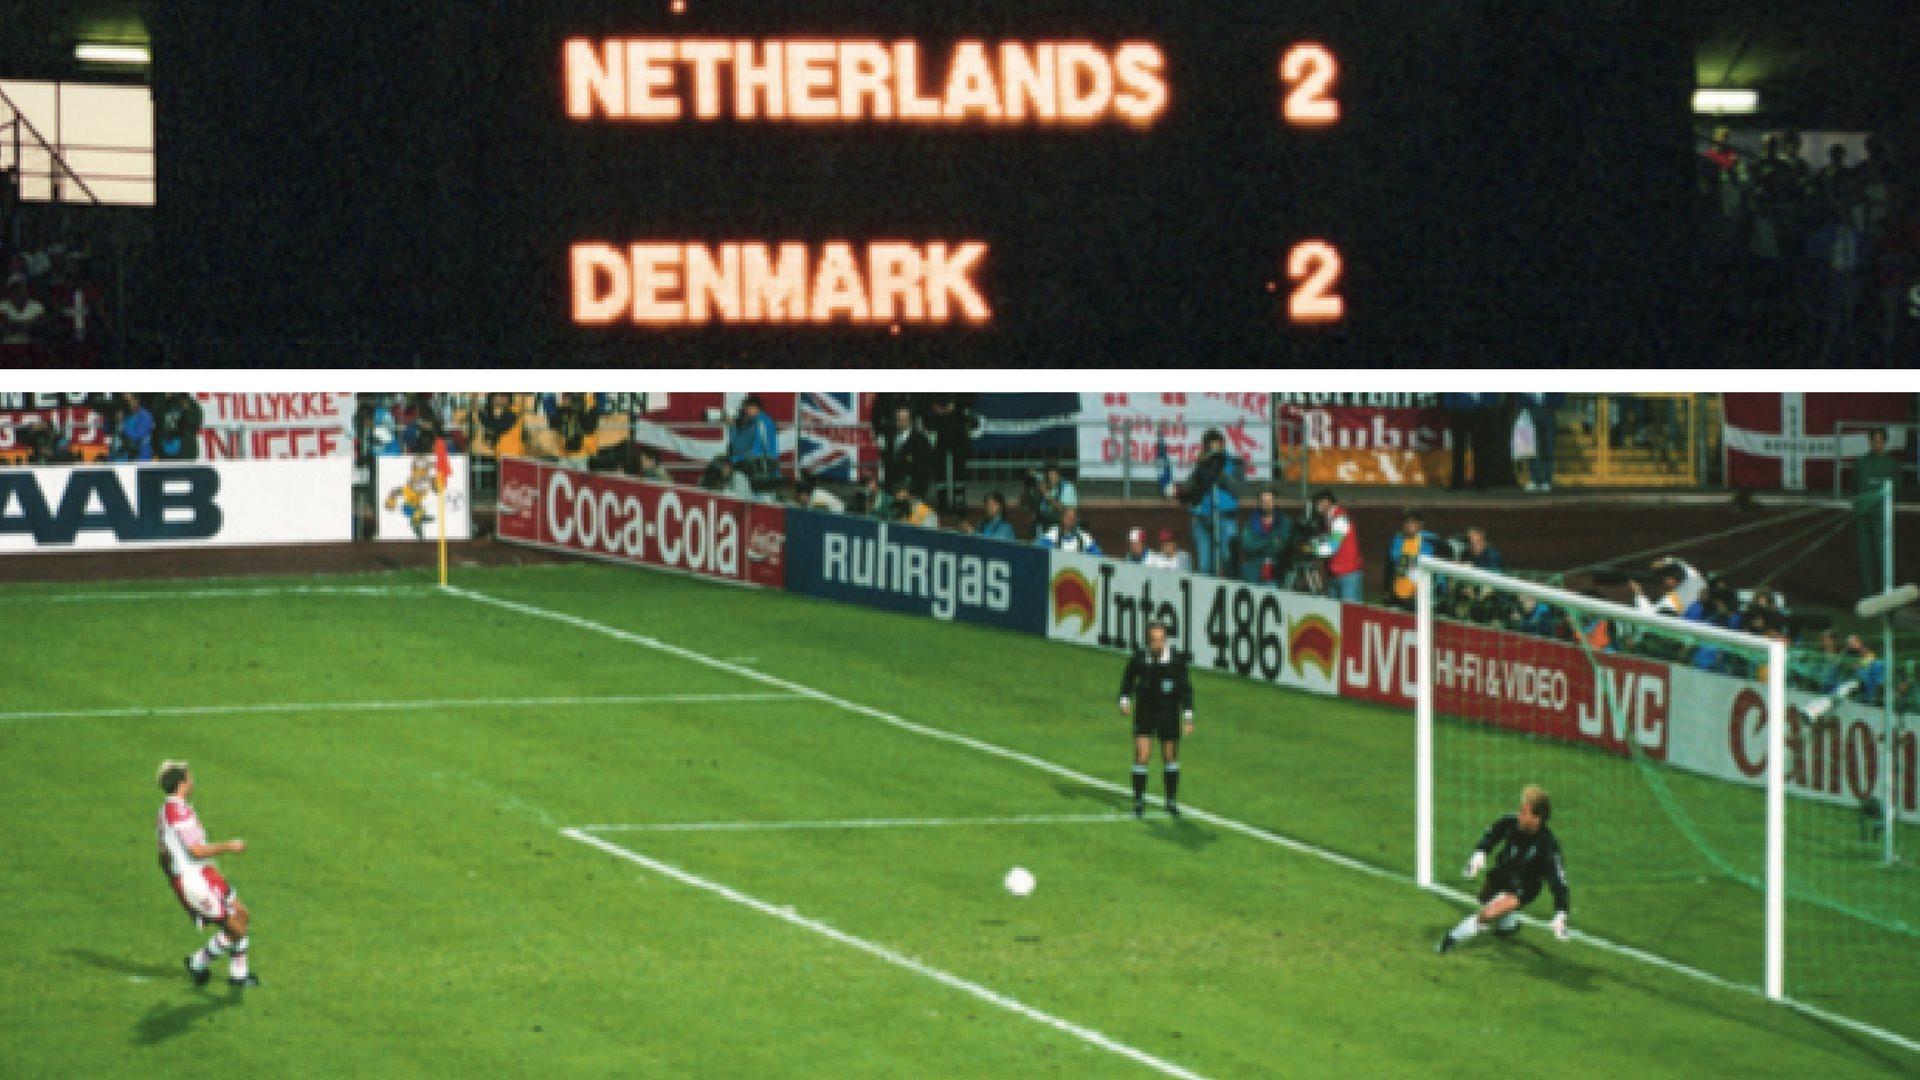 EM 1992, dansk fodbold, fodbold